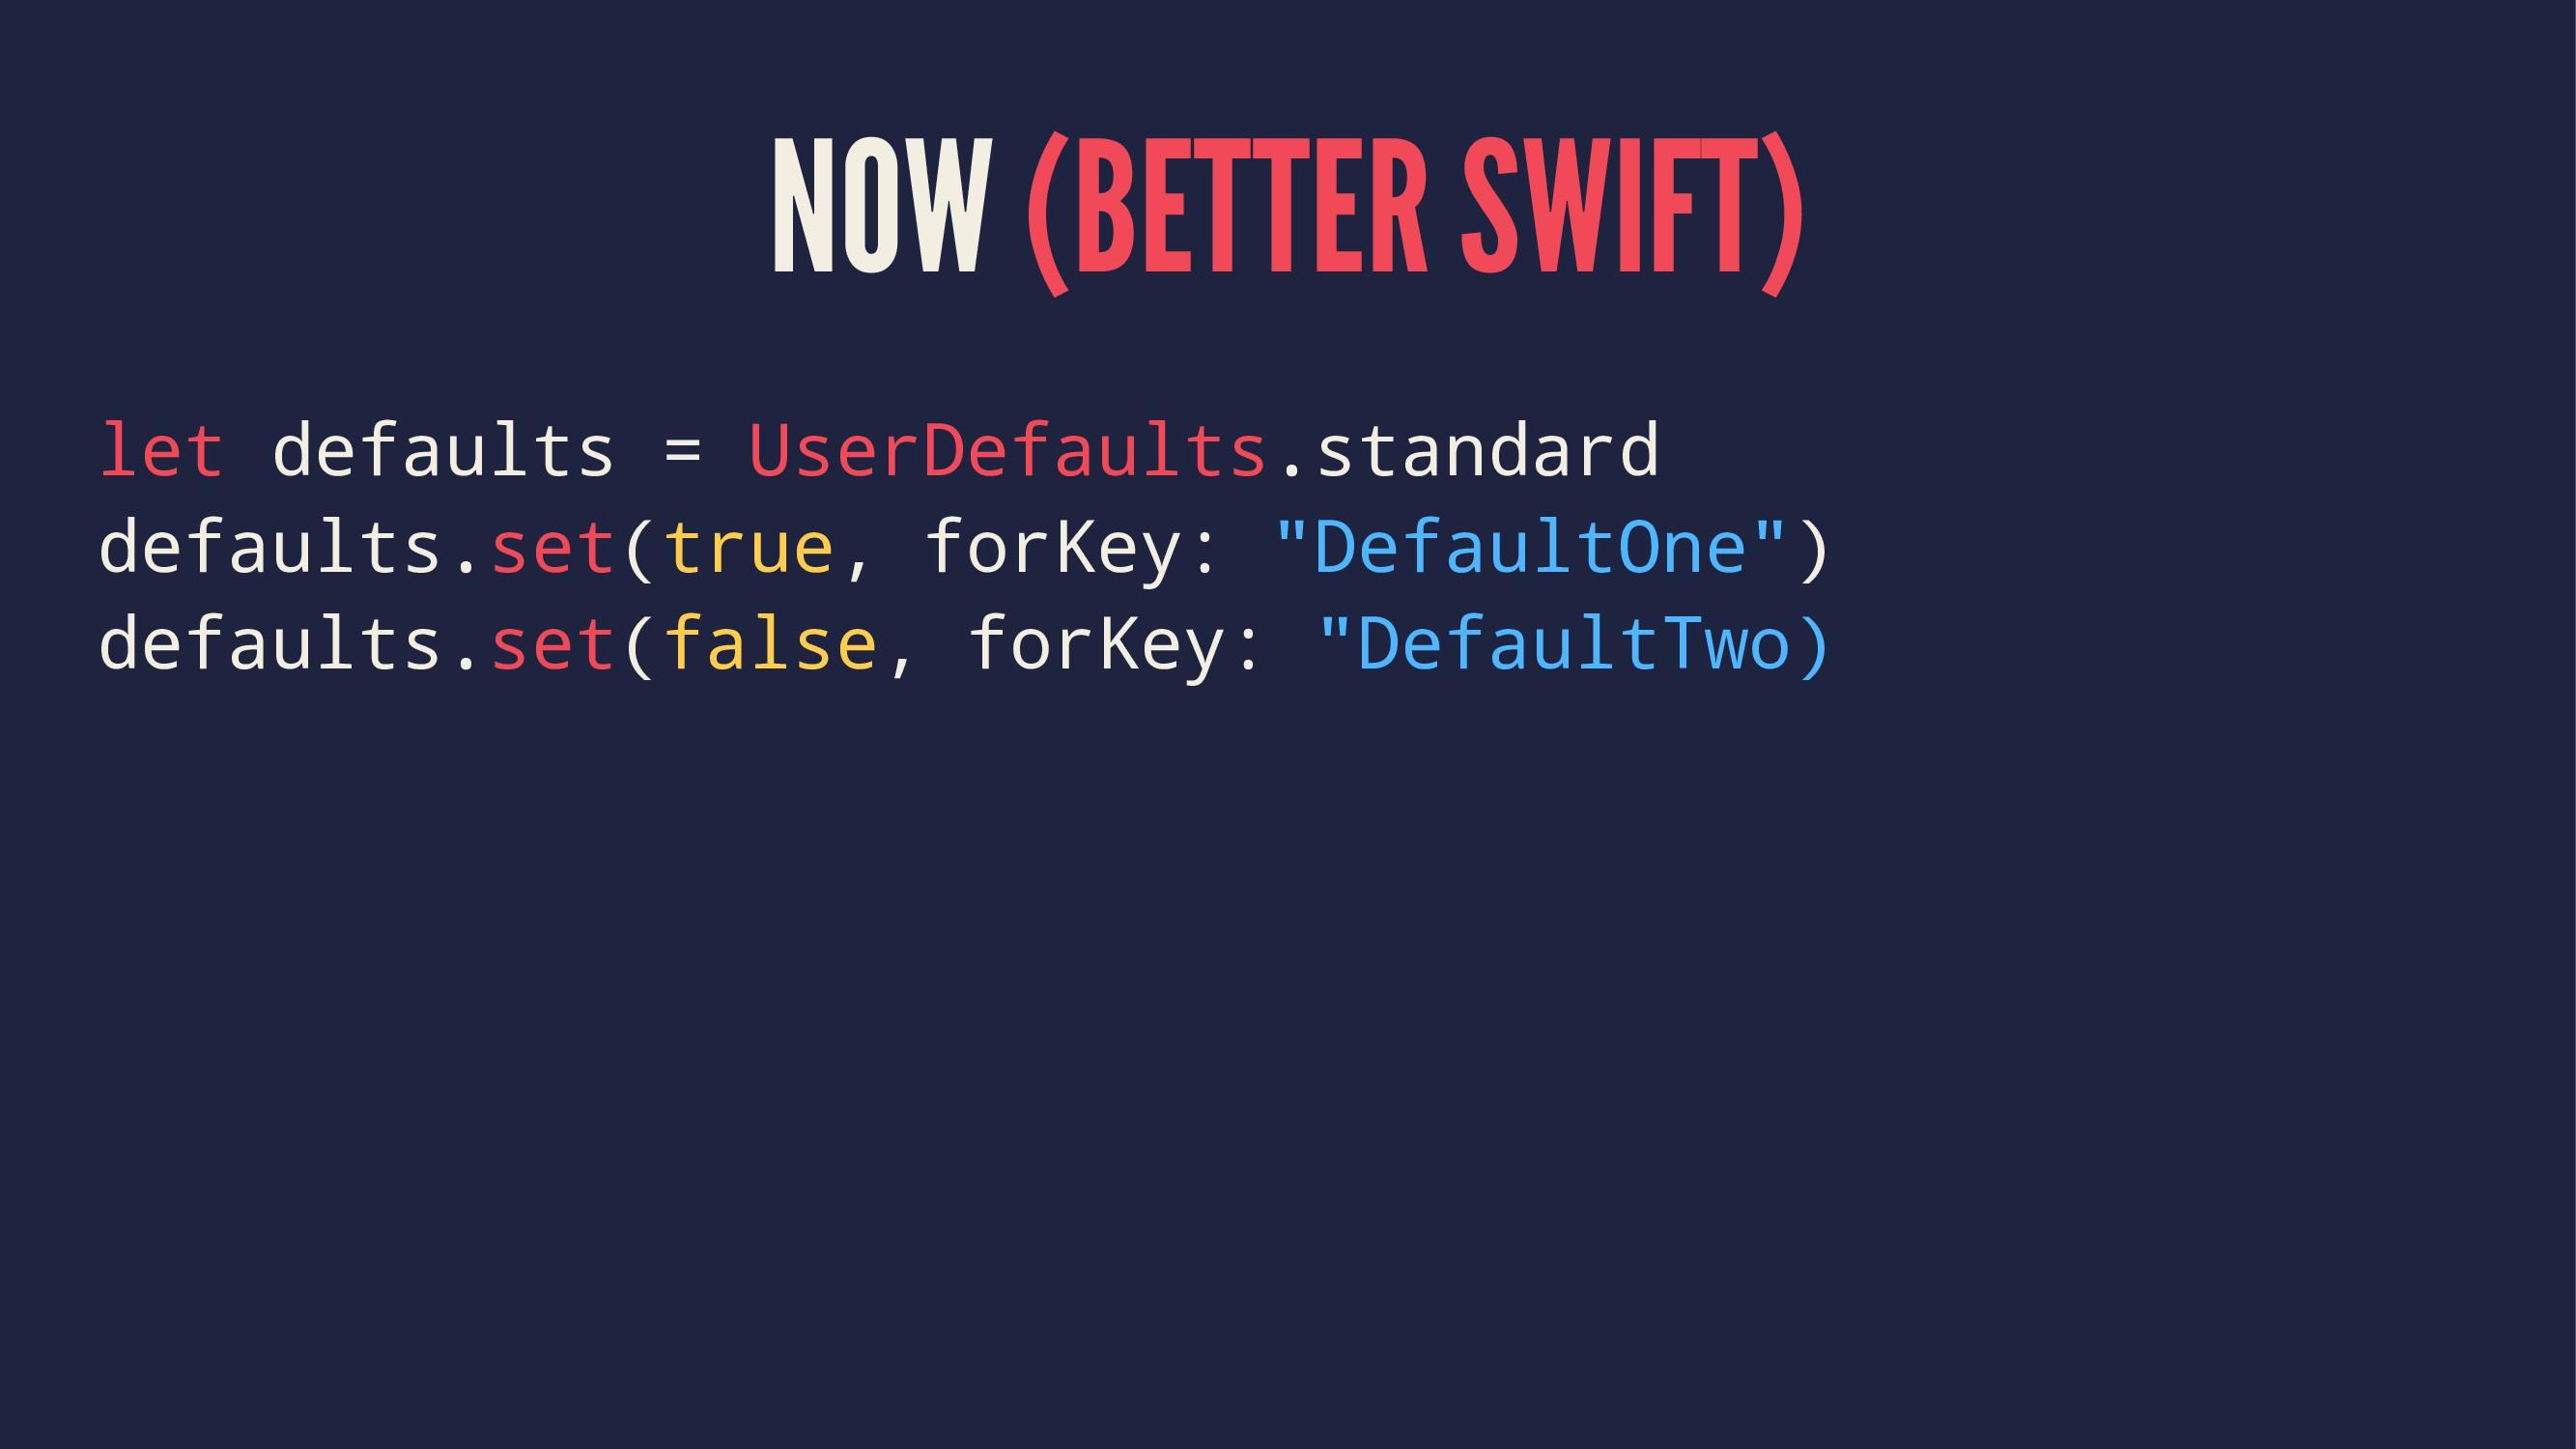 NOW (BETTER SWIFT) let defaults = UserDefaults....